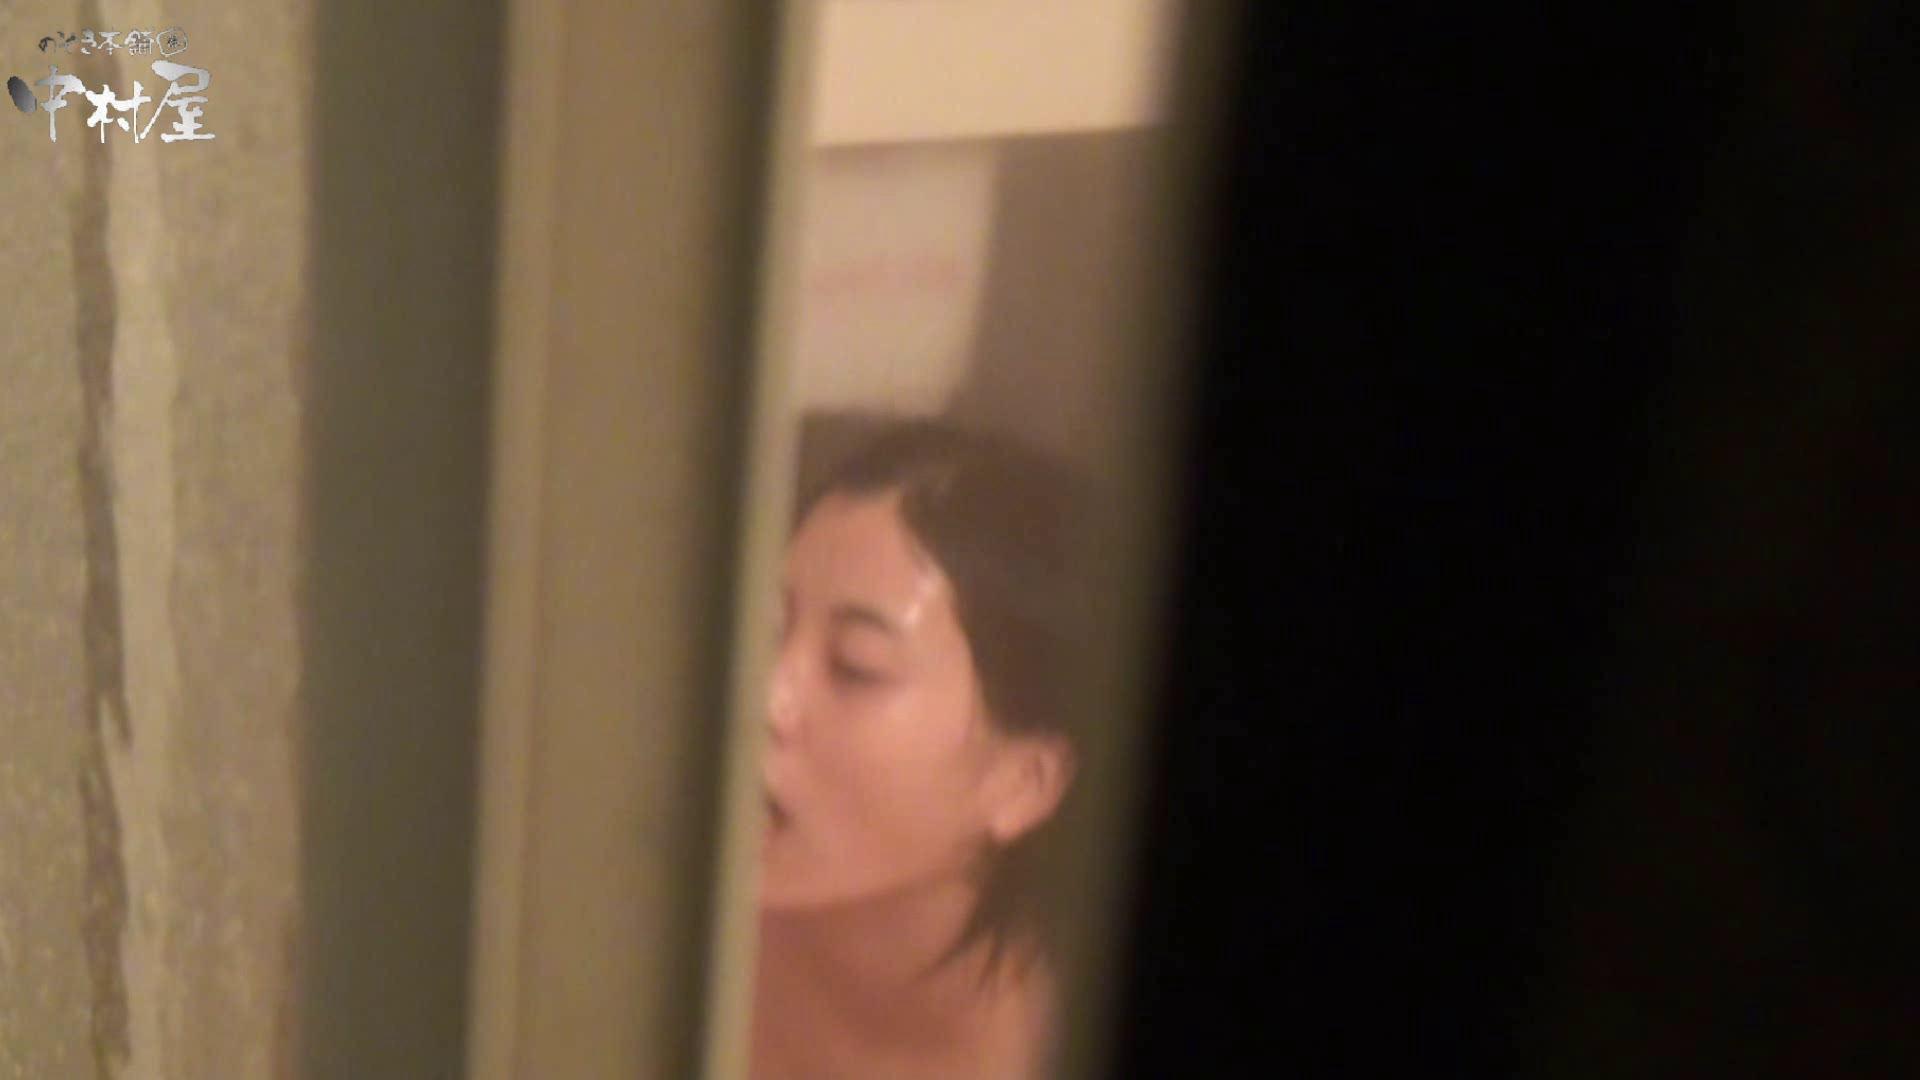 民家風呂専門盗撮師の超危険映像 vol.032 民家 | 股間特別編  105枚 55